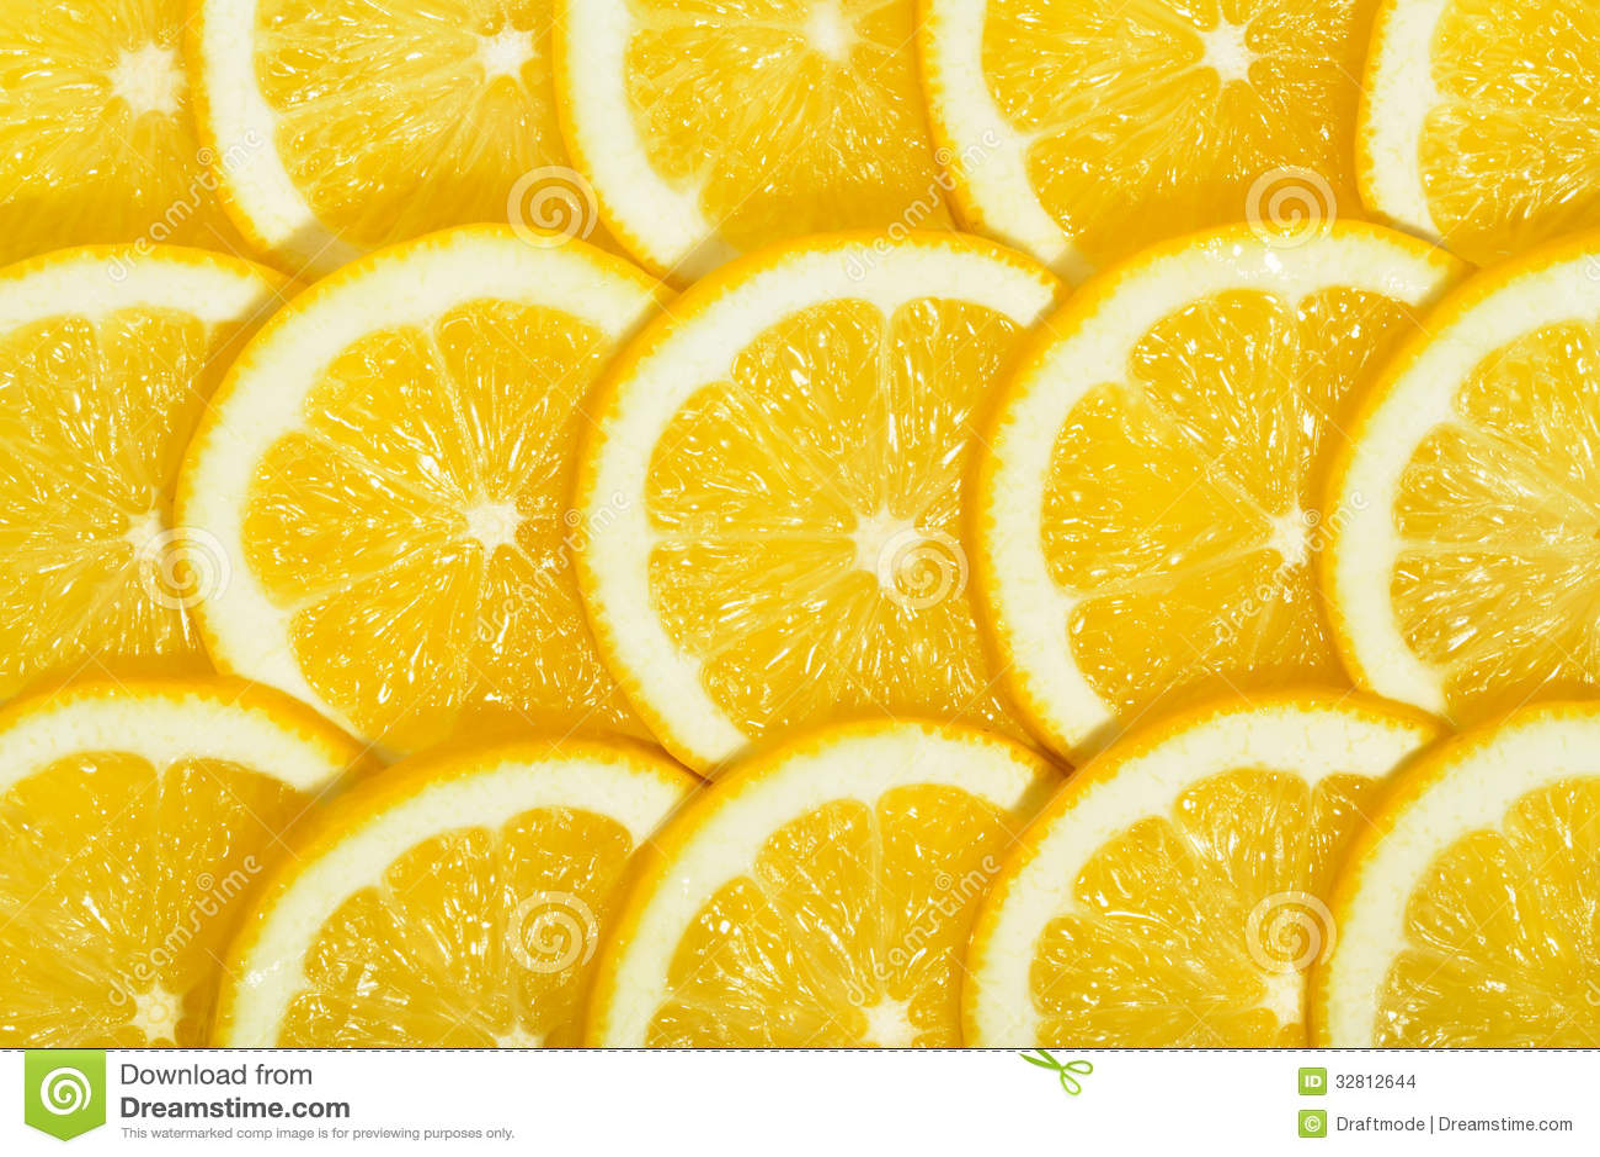 柠檬切片瓦片